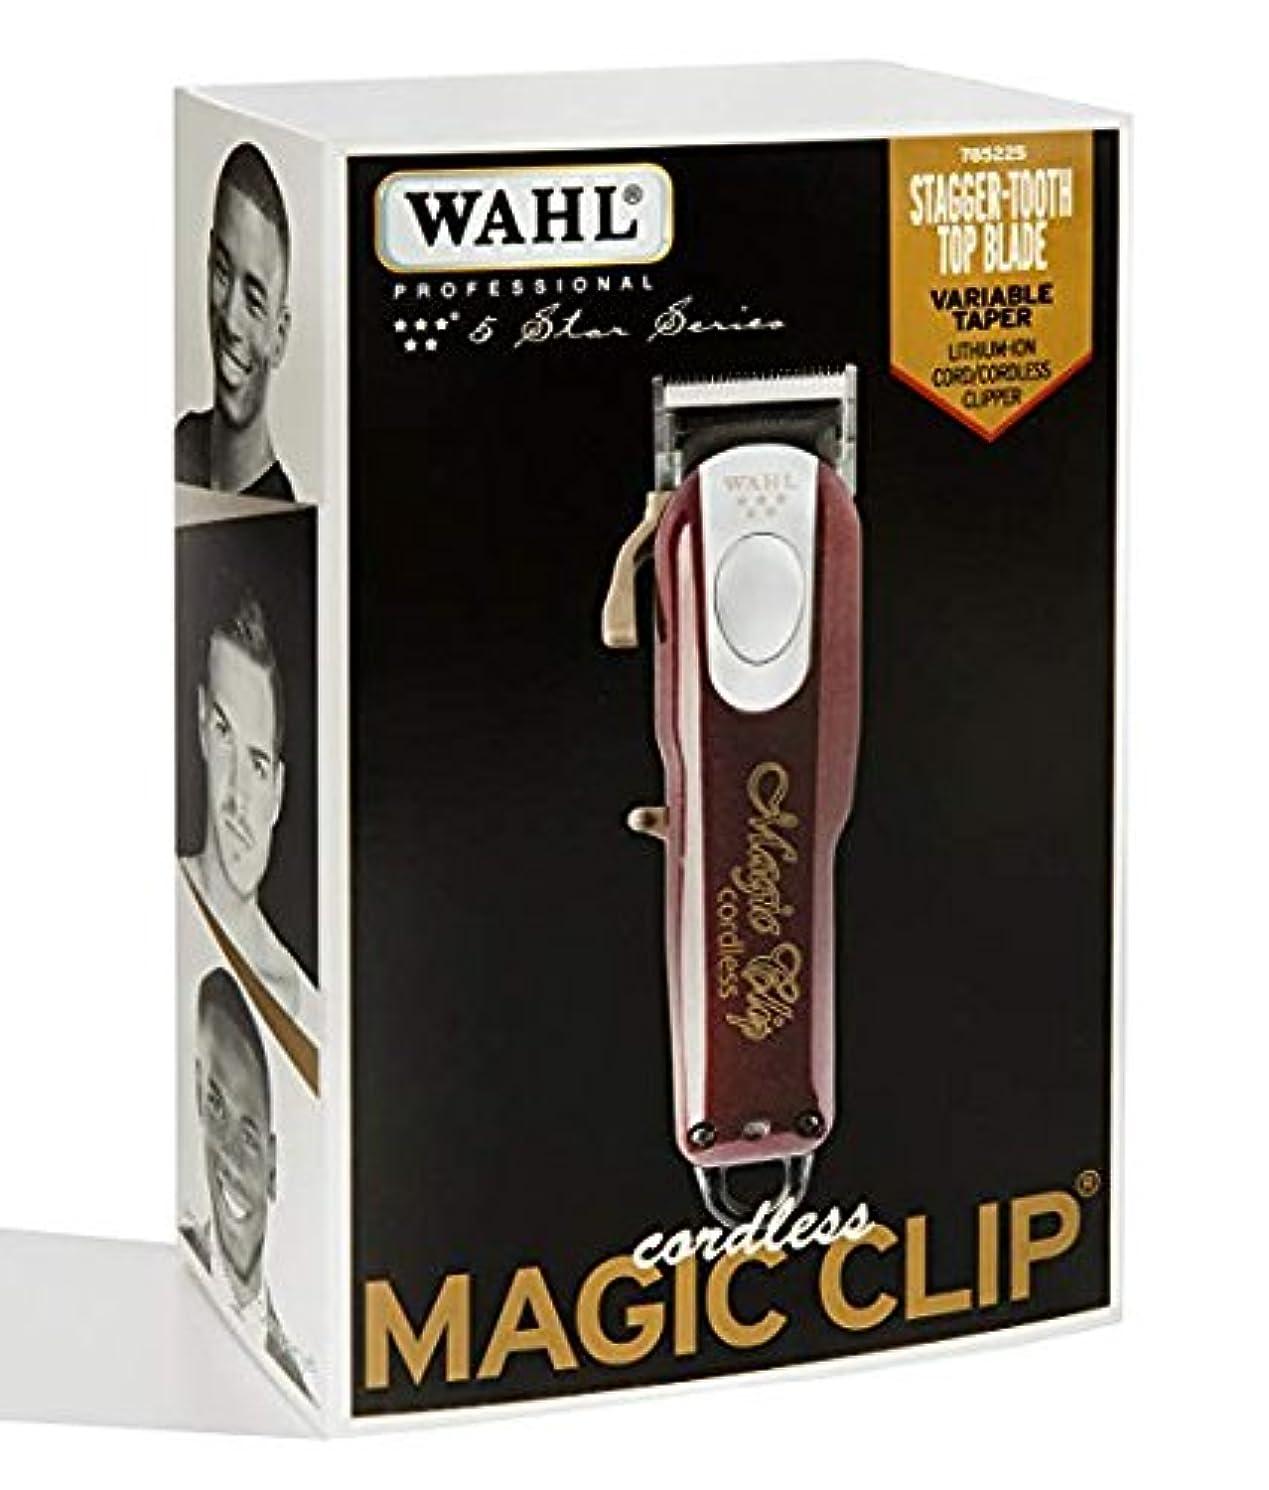 請求書破壊的時間厳守[Wahl] [すばらしいです 専用 理髪店とスタイリスト - 90分以上の実行時間 / Professional 5-Star Cord/Cordless Magic Clip #8148] (並行輸入品)